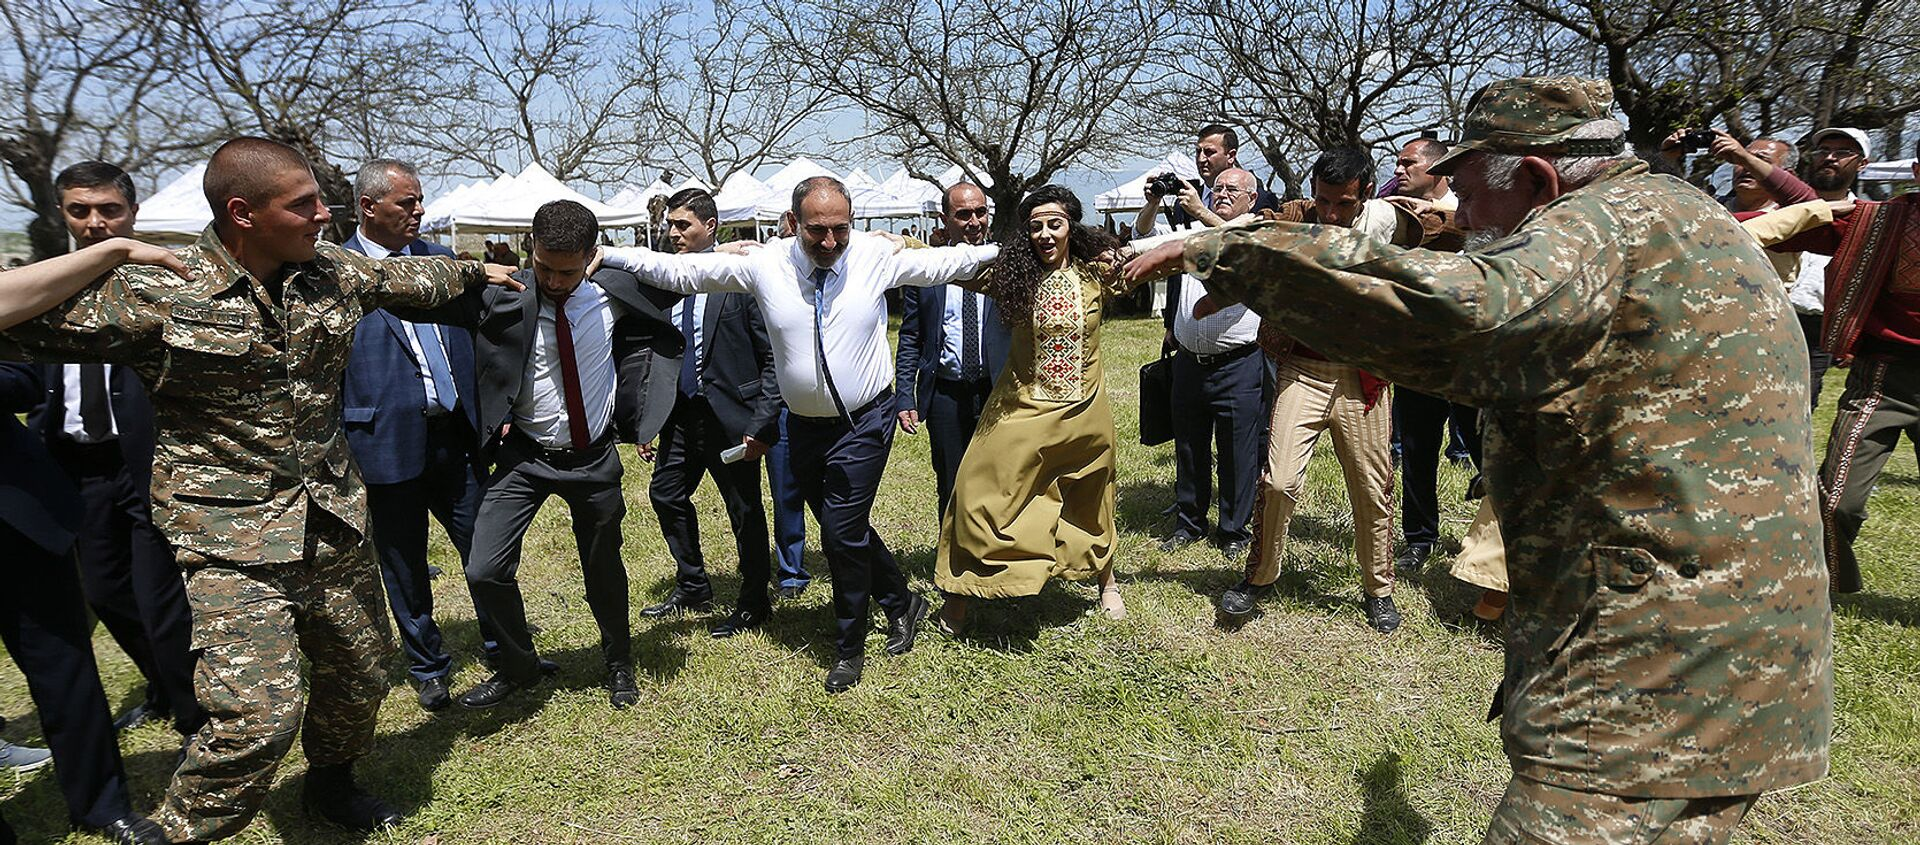 Премьер-министр Армении Никол Пашинян принял участие в праздничных мероприятиях в Карабахе (9 мая 2019). Шуши - Sputnik Армения, 1920, 16.02.2021